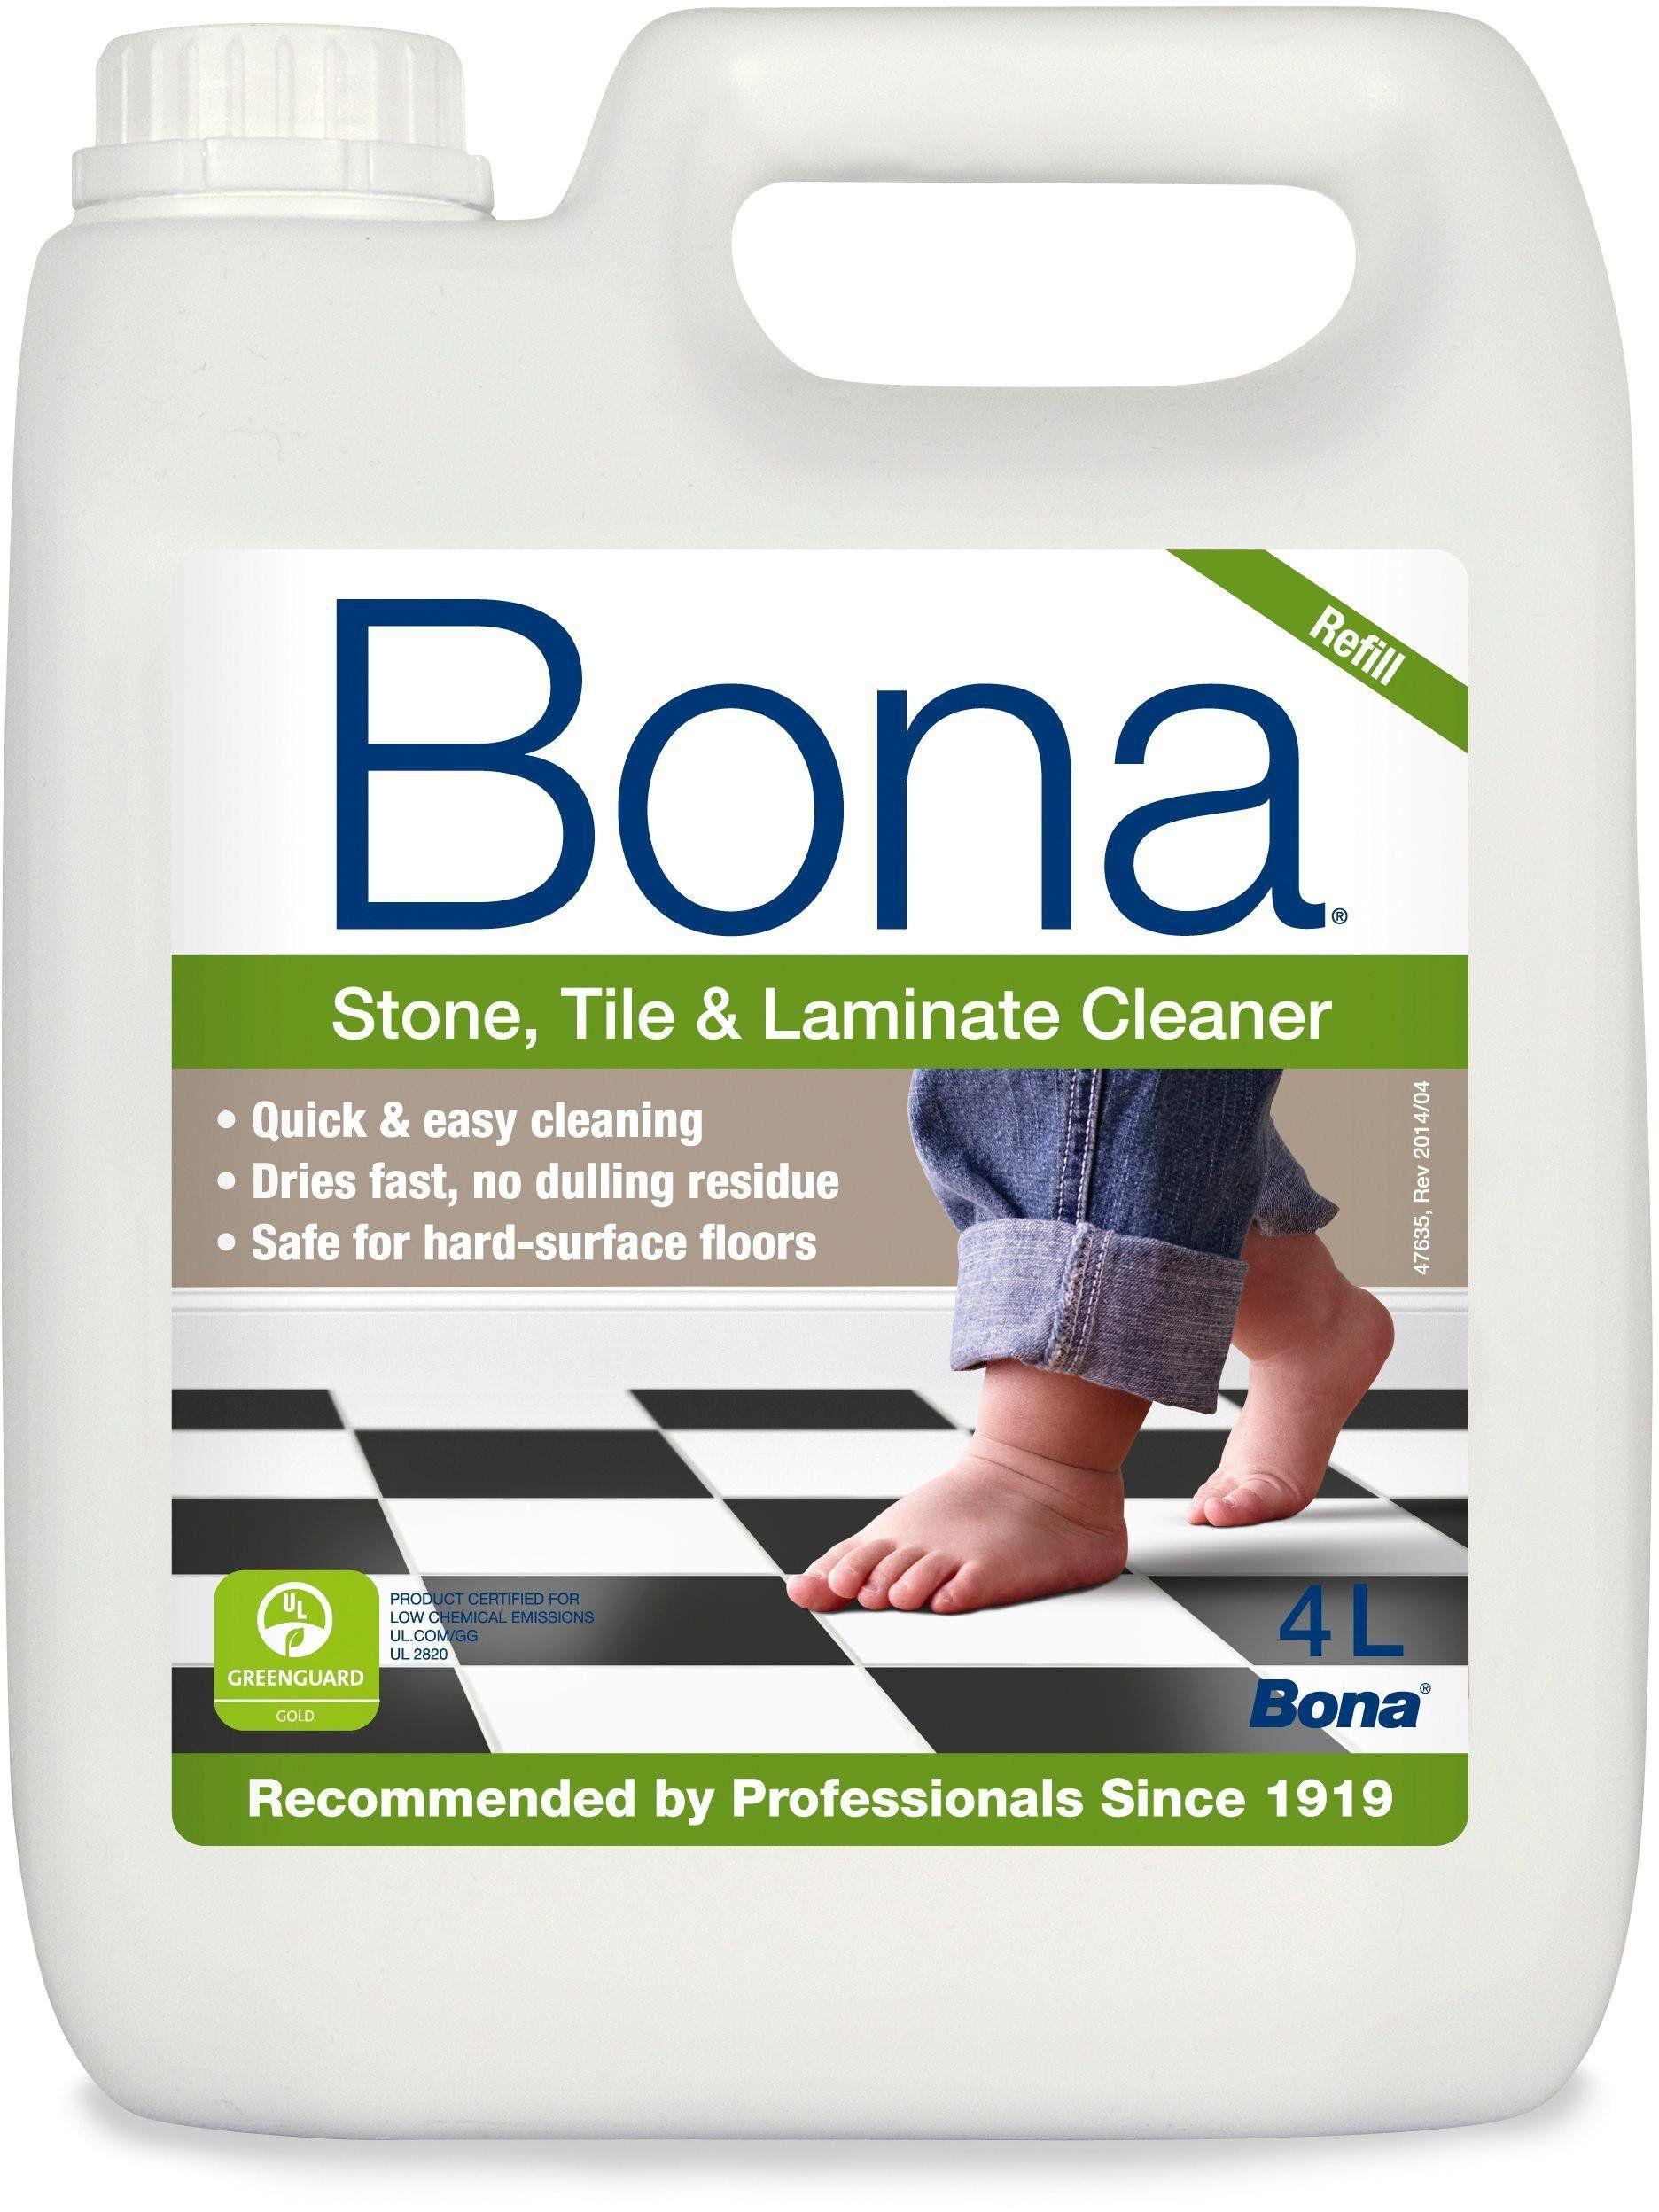 Buy Bona Stone, Tile & Laminate Floor 4L Cleaner Solution